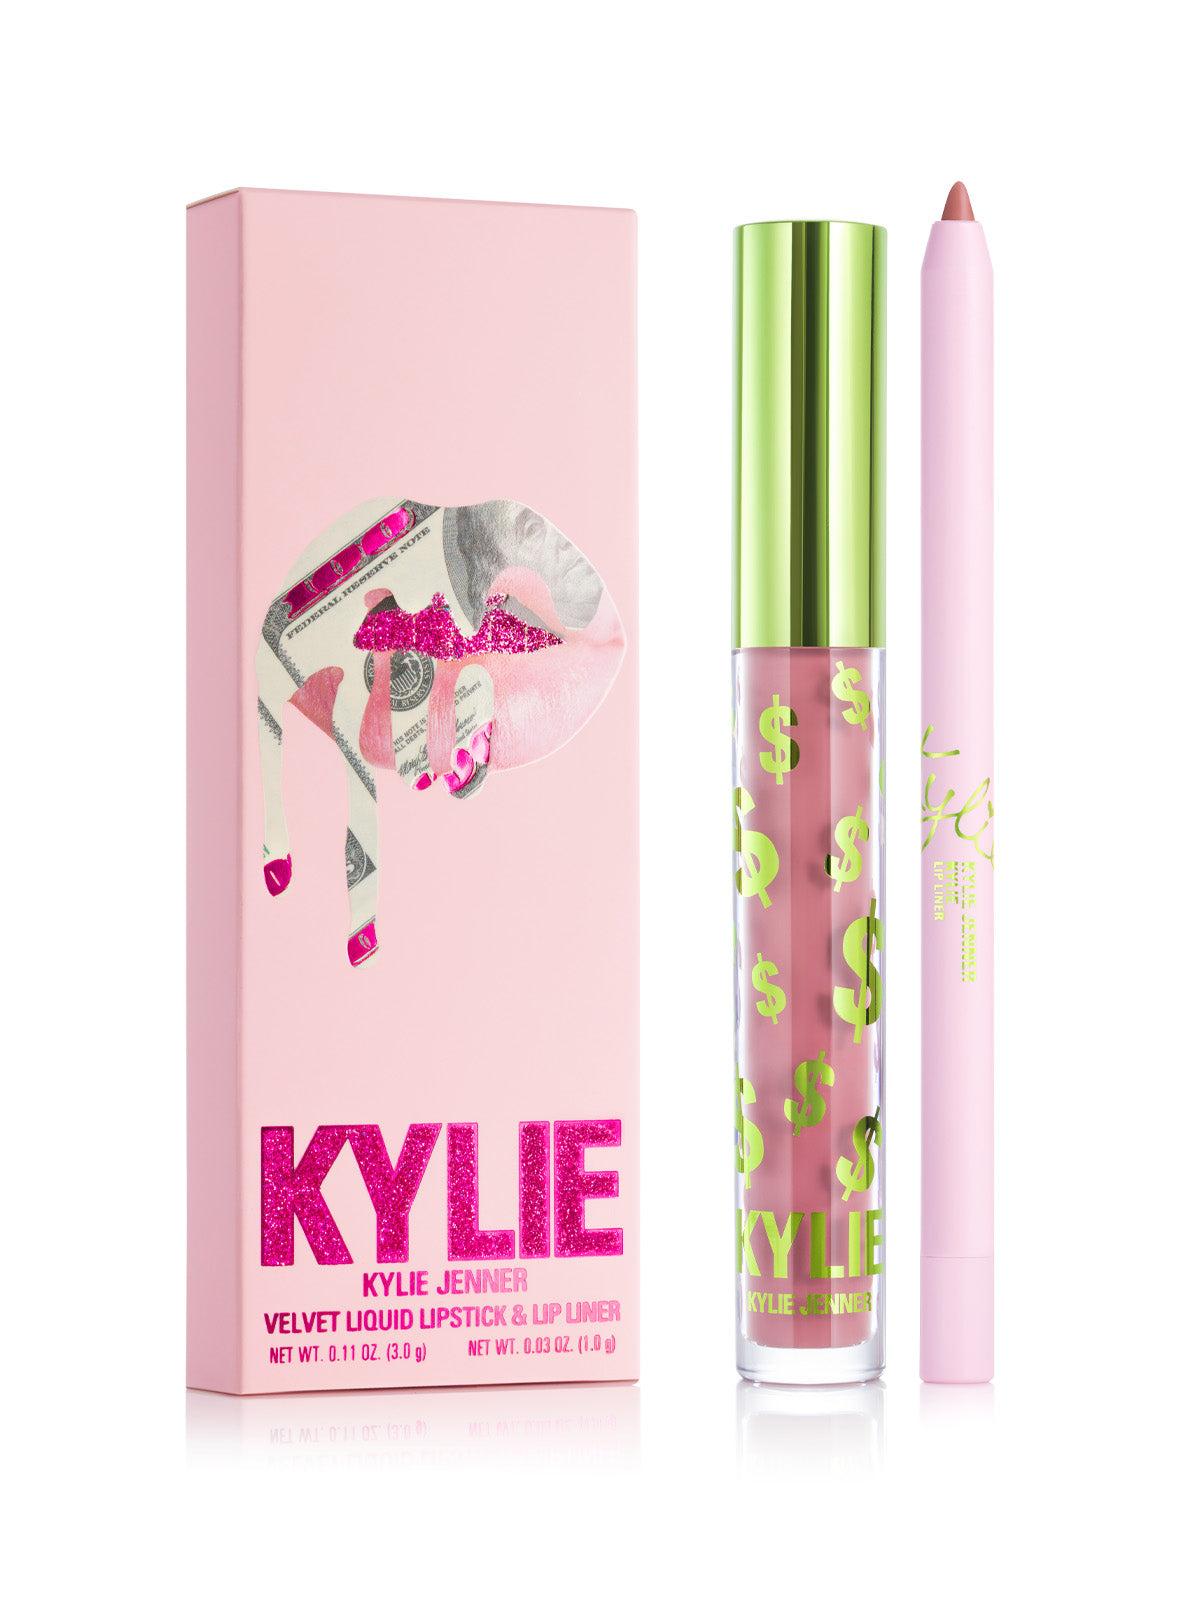 kyliecosmetics.com - Kylie | Velvet Lip Kit